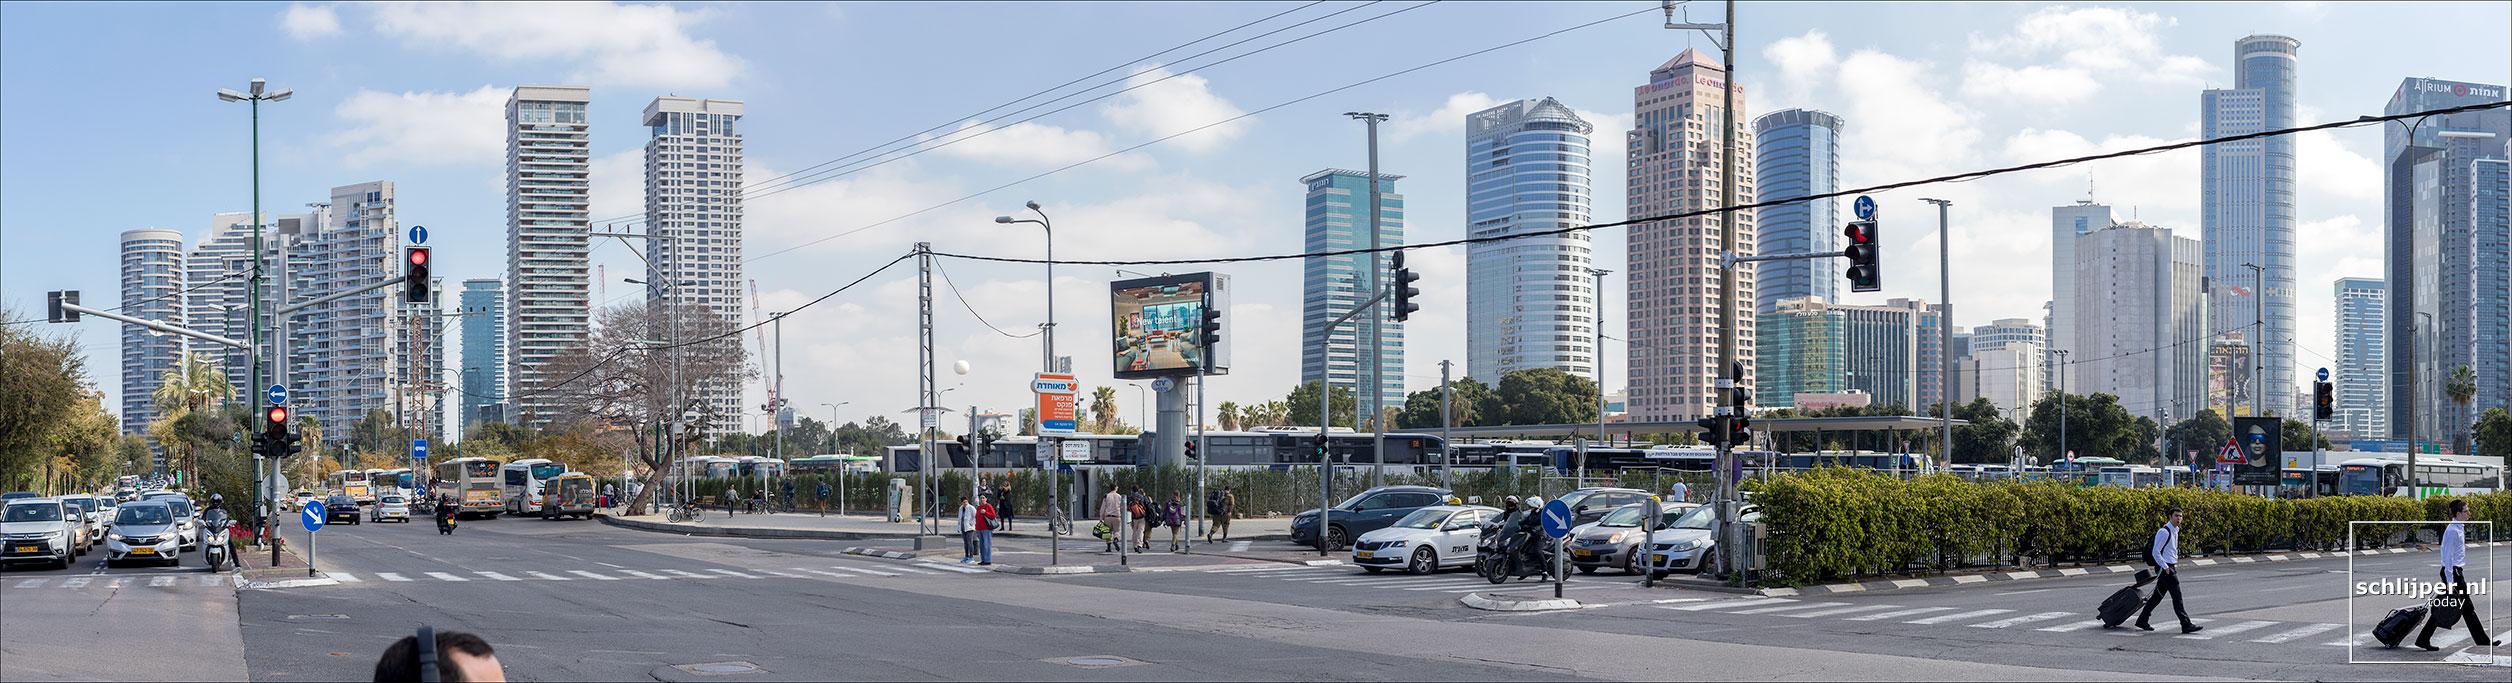 Israel, Tel Aviv, 10 maart 2019